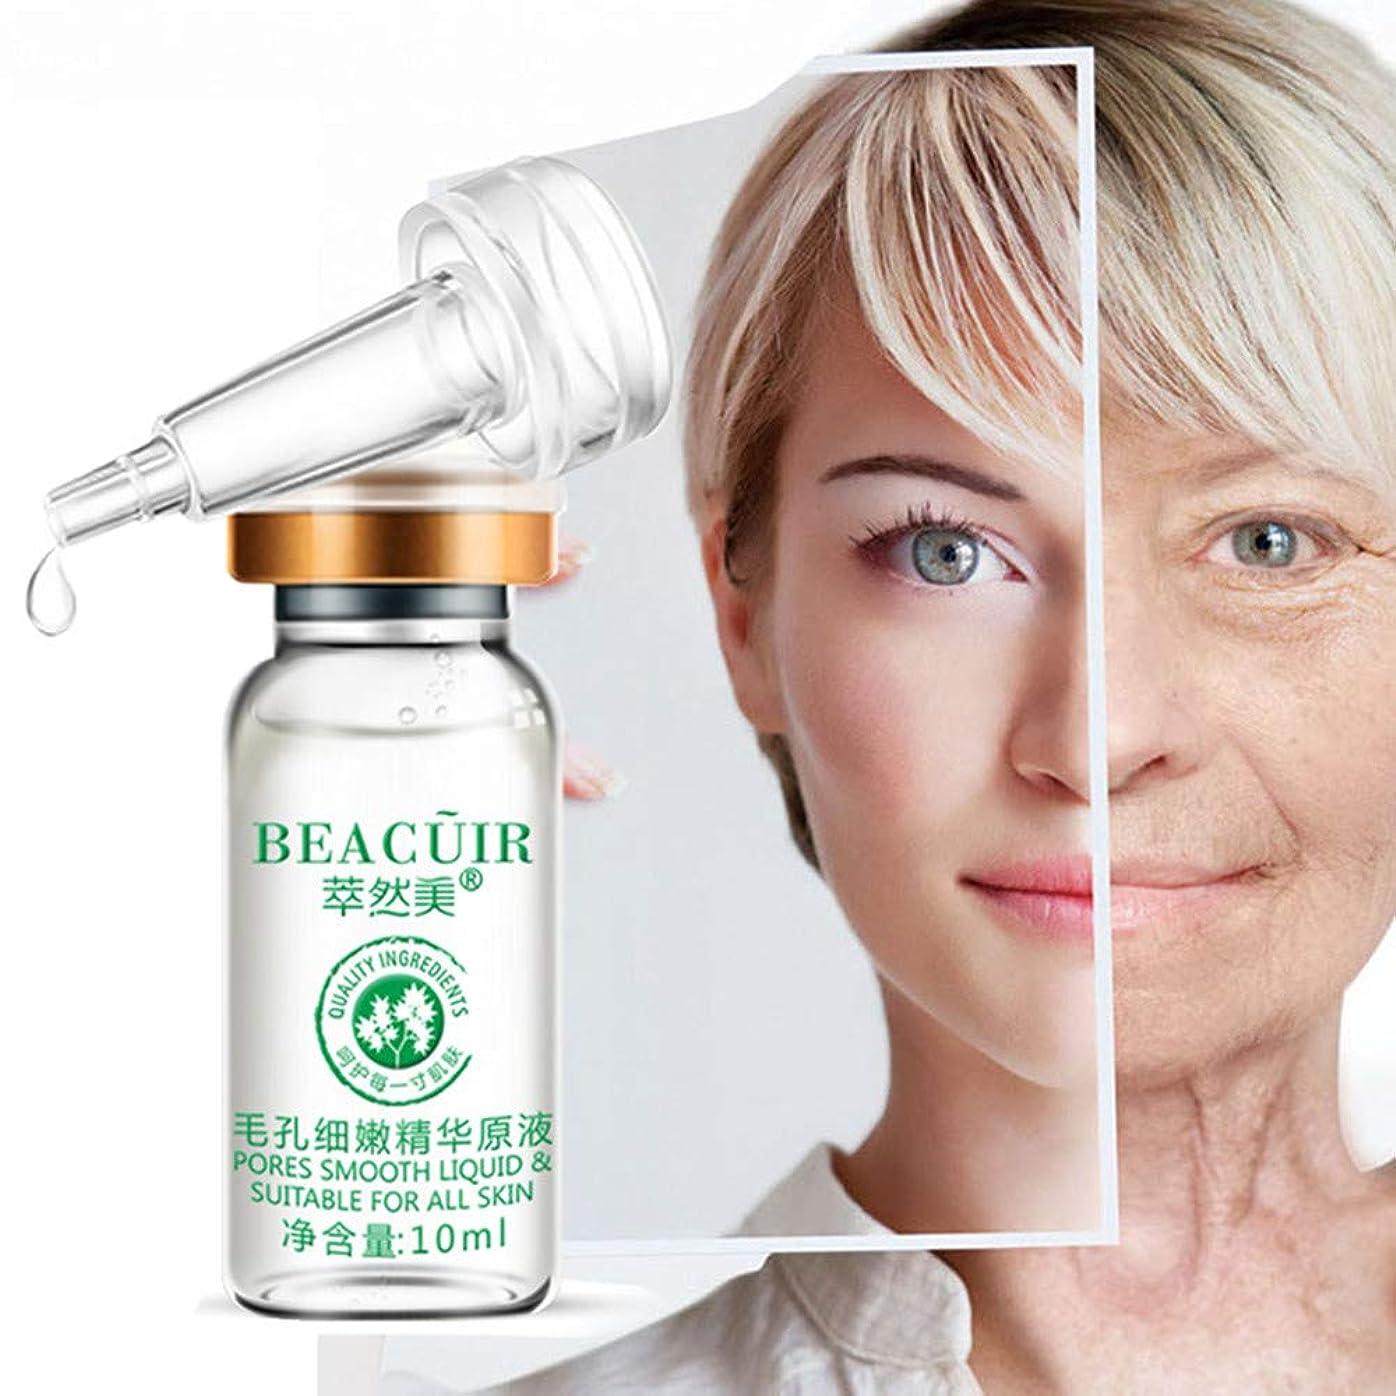 ジョブ舌溶接Akane BEACUIR 天然 水分 肌の明るさ 修復 美白 繊細 しわ取り 毛穴縮小 保湿 黒ずみ 角質除去 肌荒れ防止 くすんだ肌を改善し エッセンス 10ml